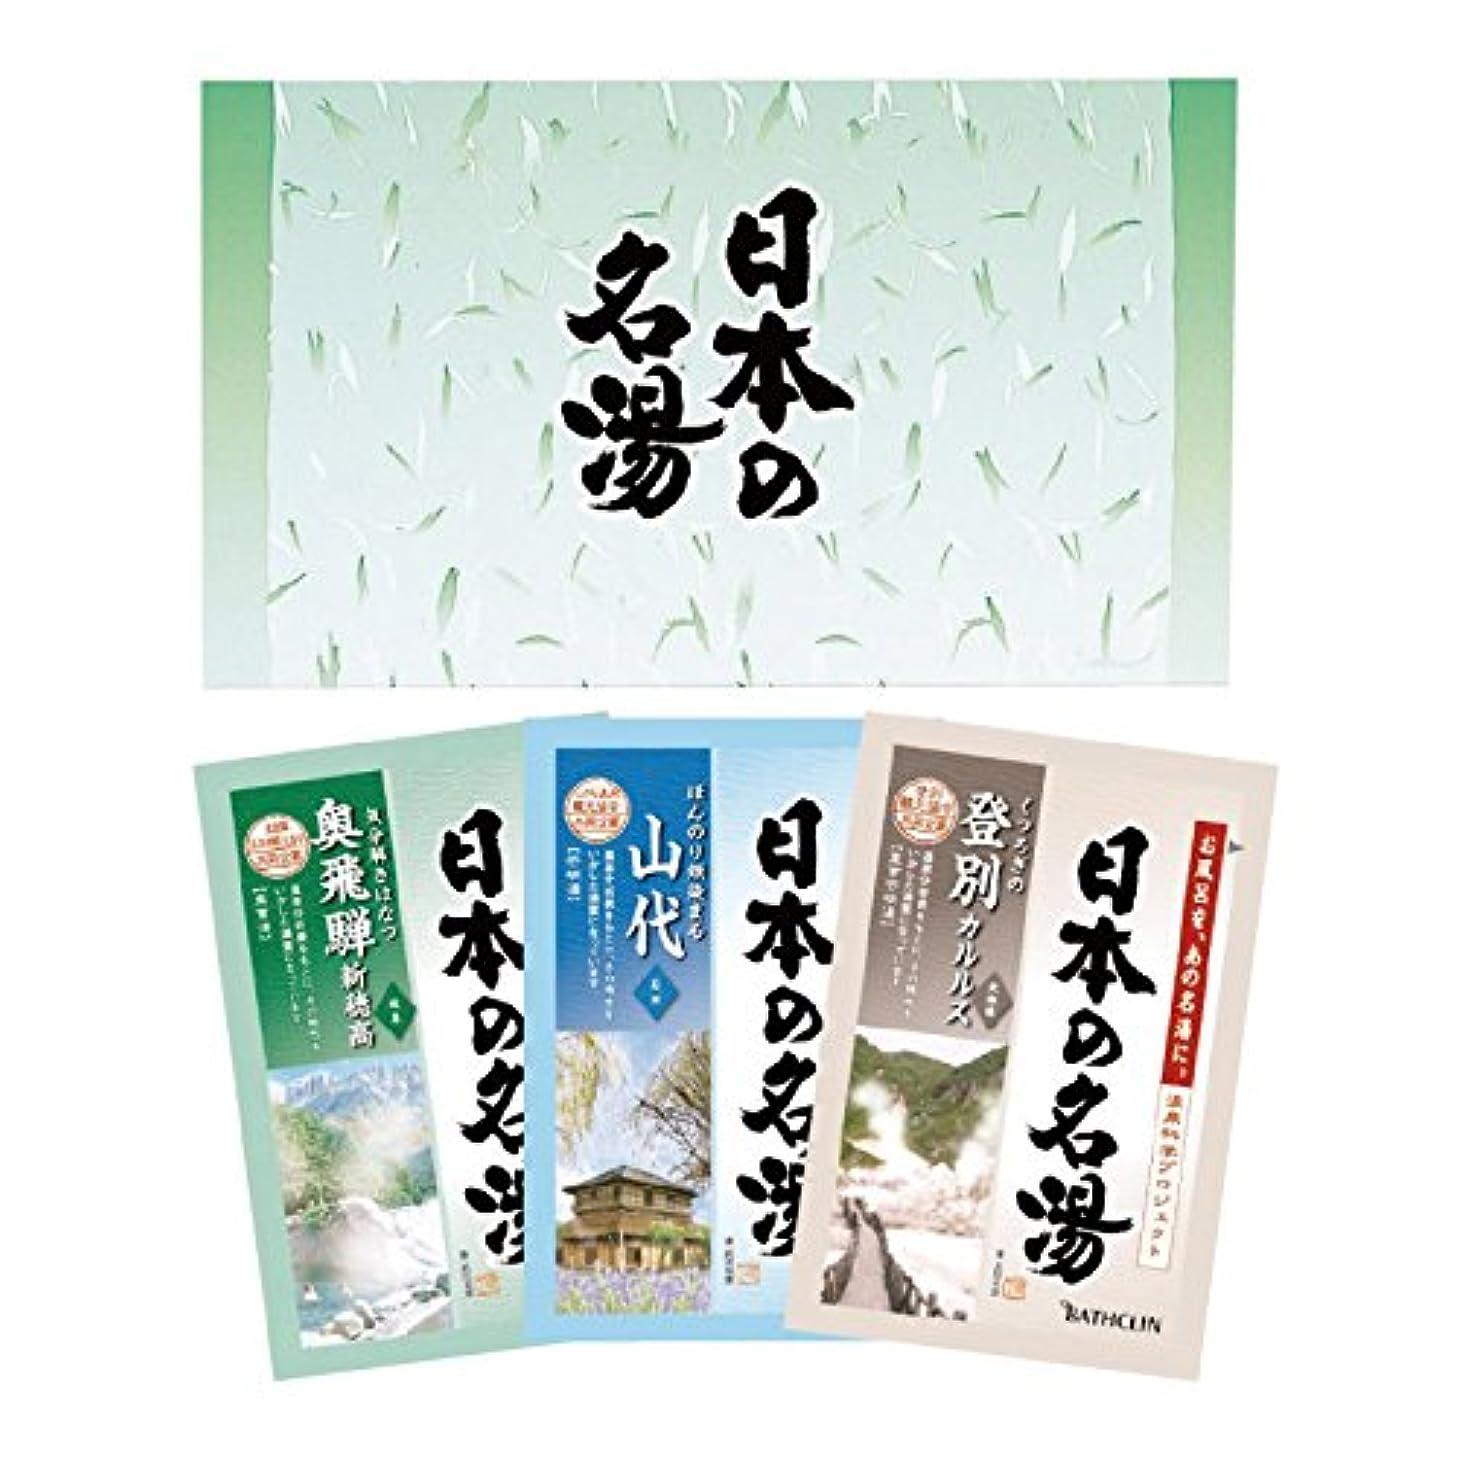 影響を受けやすいです不利益ワーカー日本の名湯 入浴剤 3包入